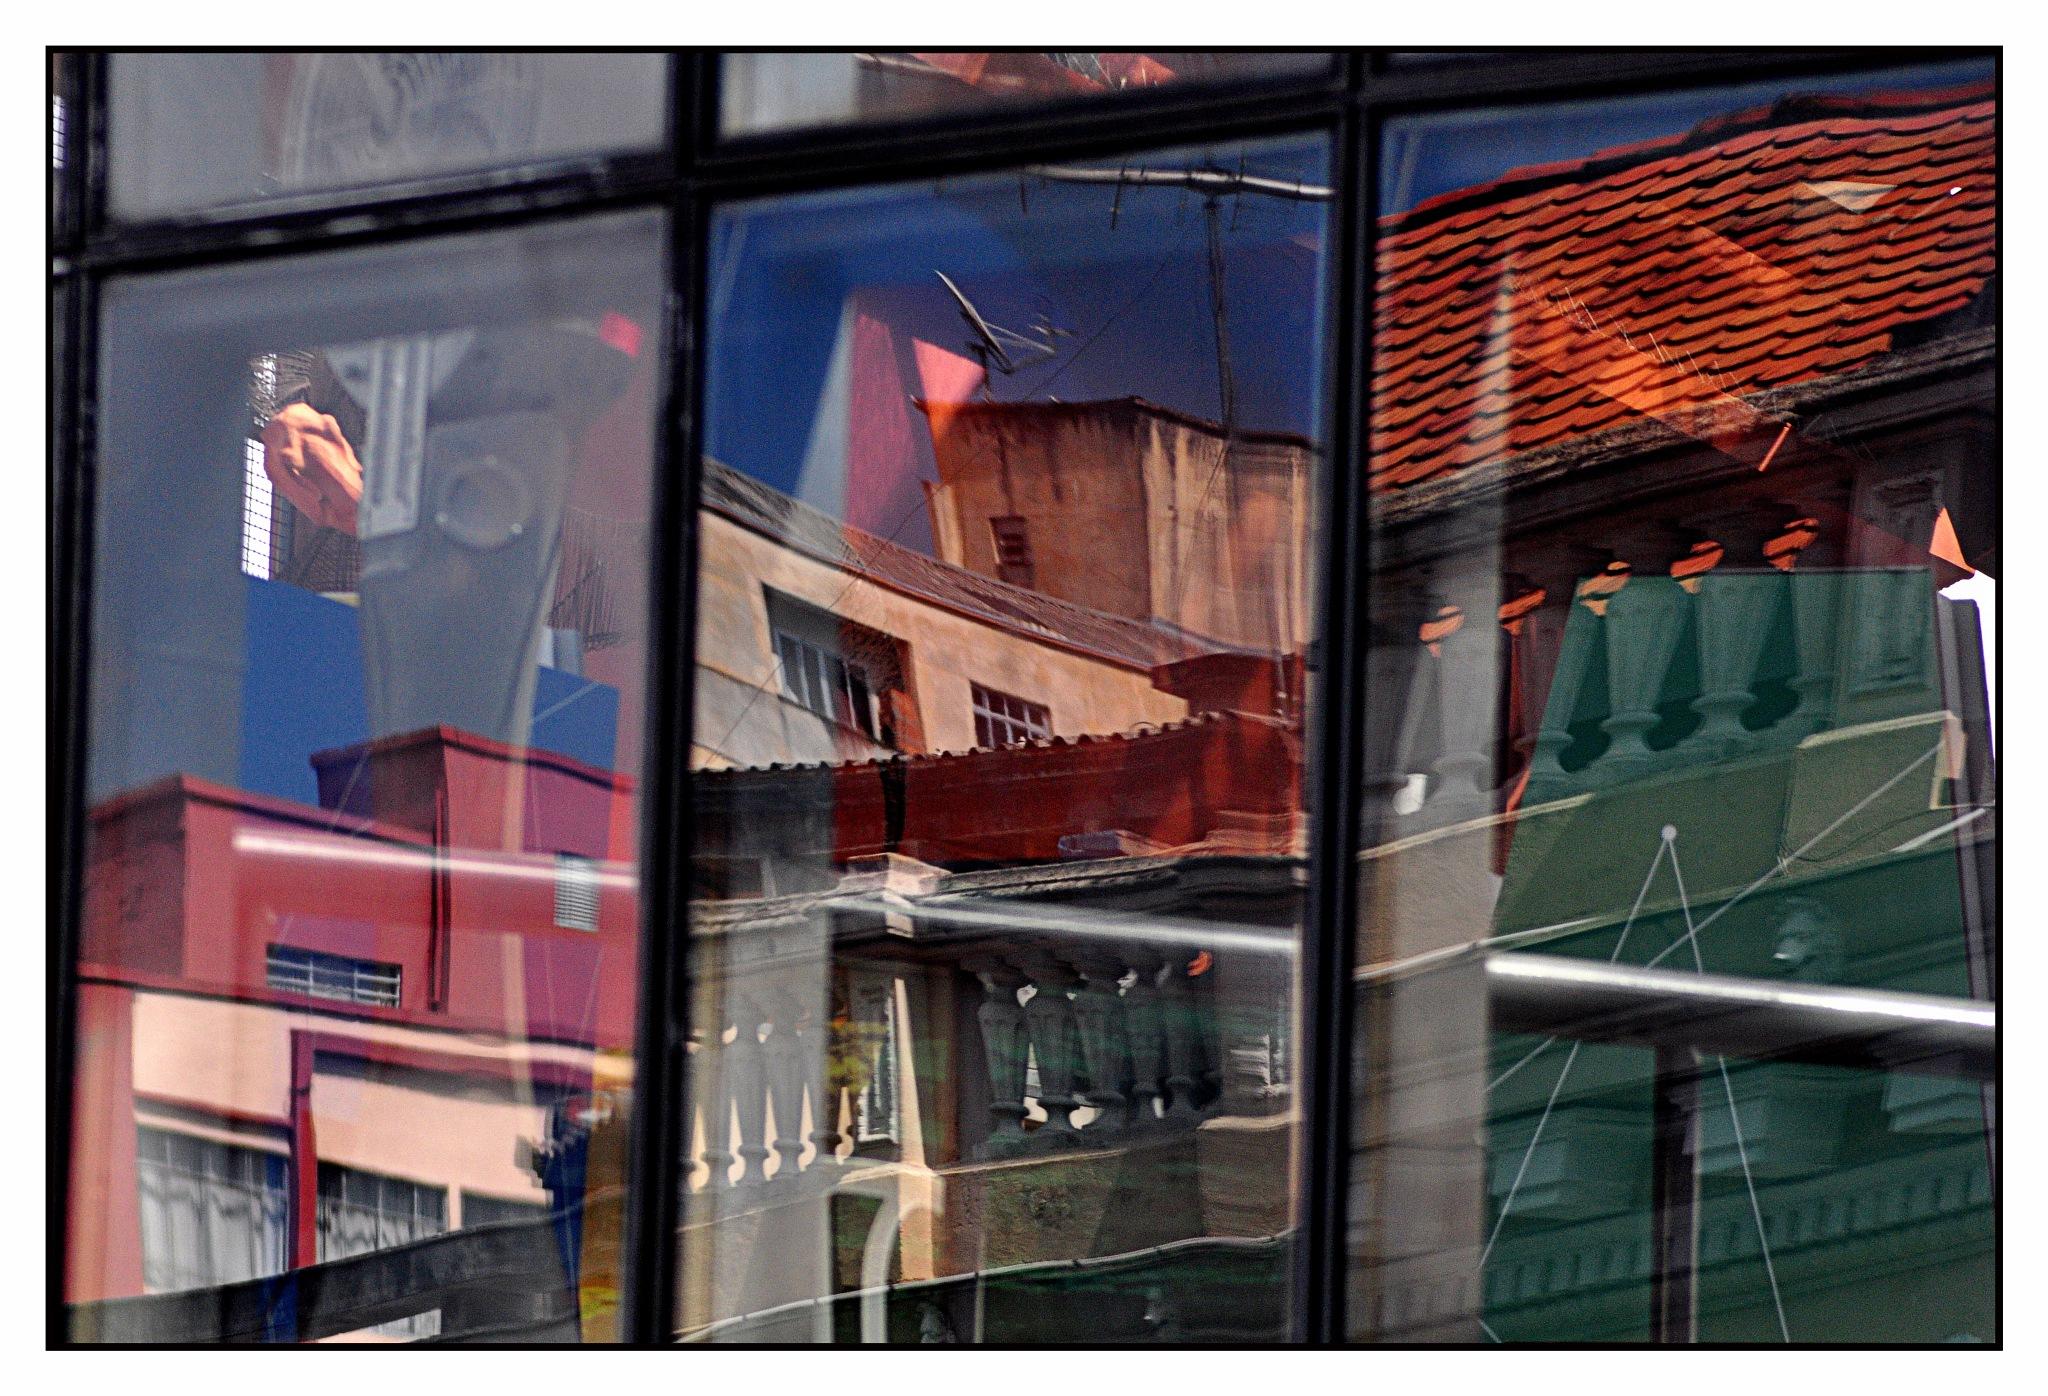 CWB's reflections by José Evaldo Suassuna de Oliveira